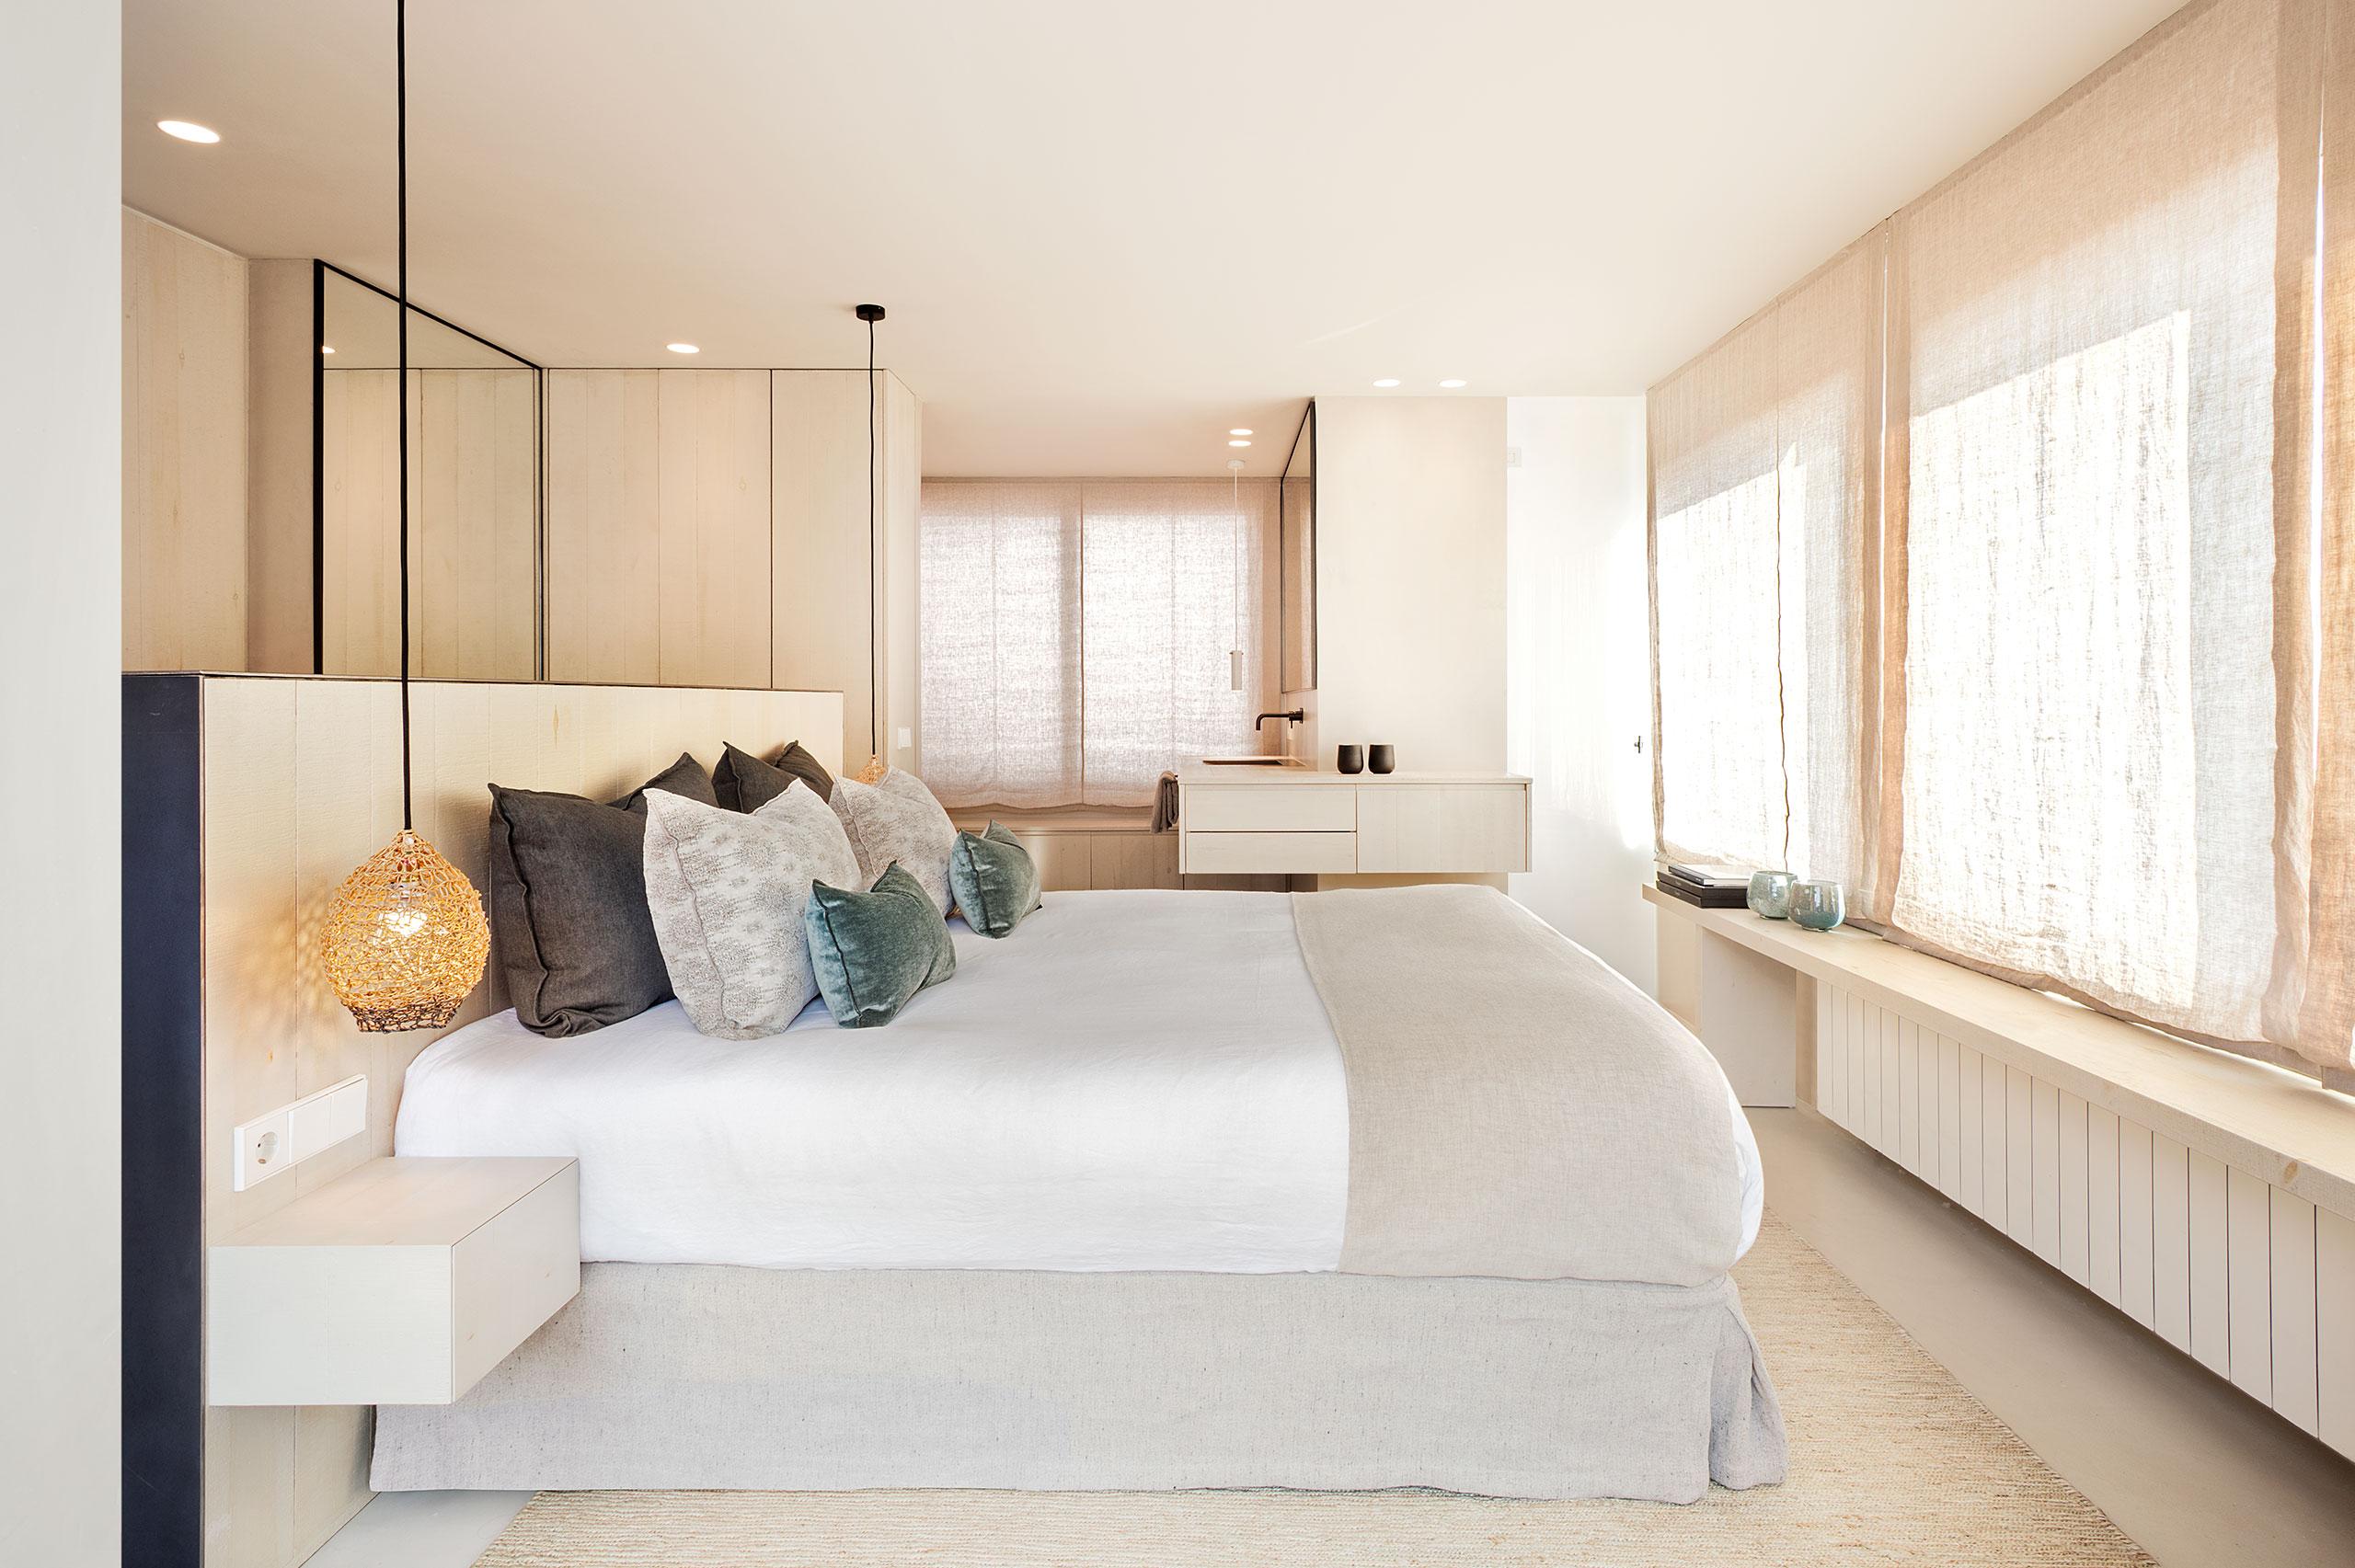 Interior Design Decor | Mimouca Design